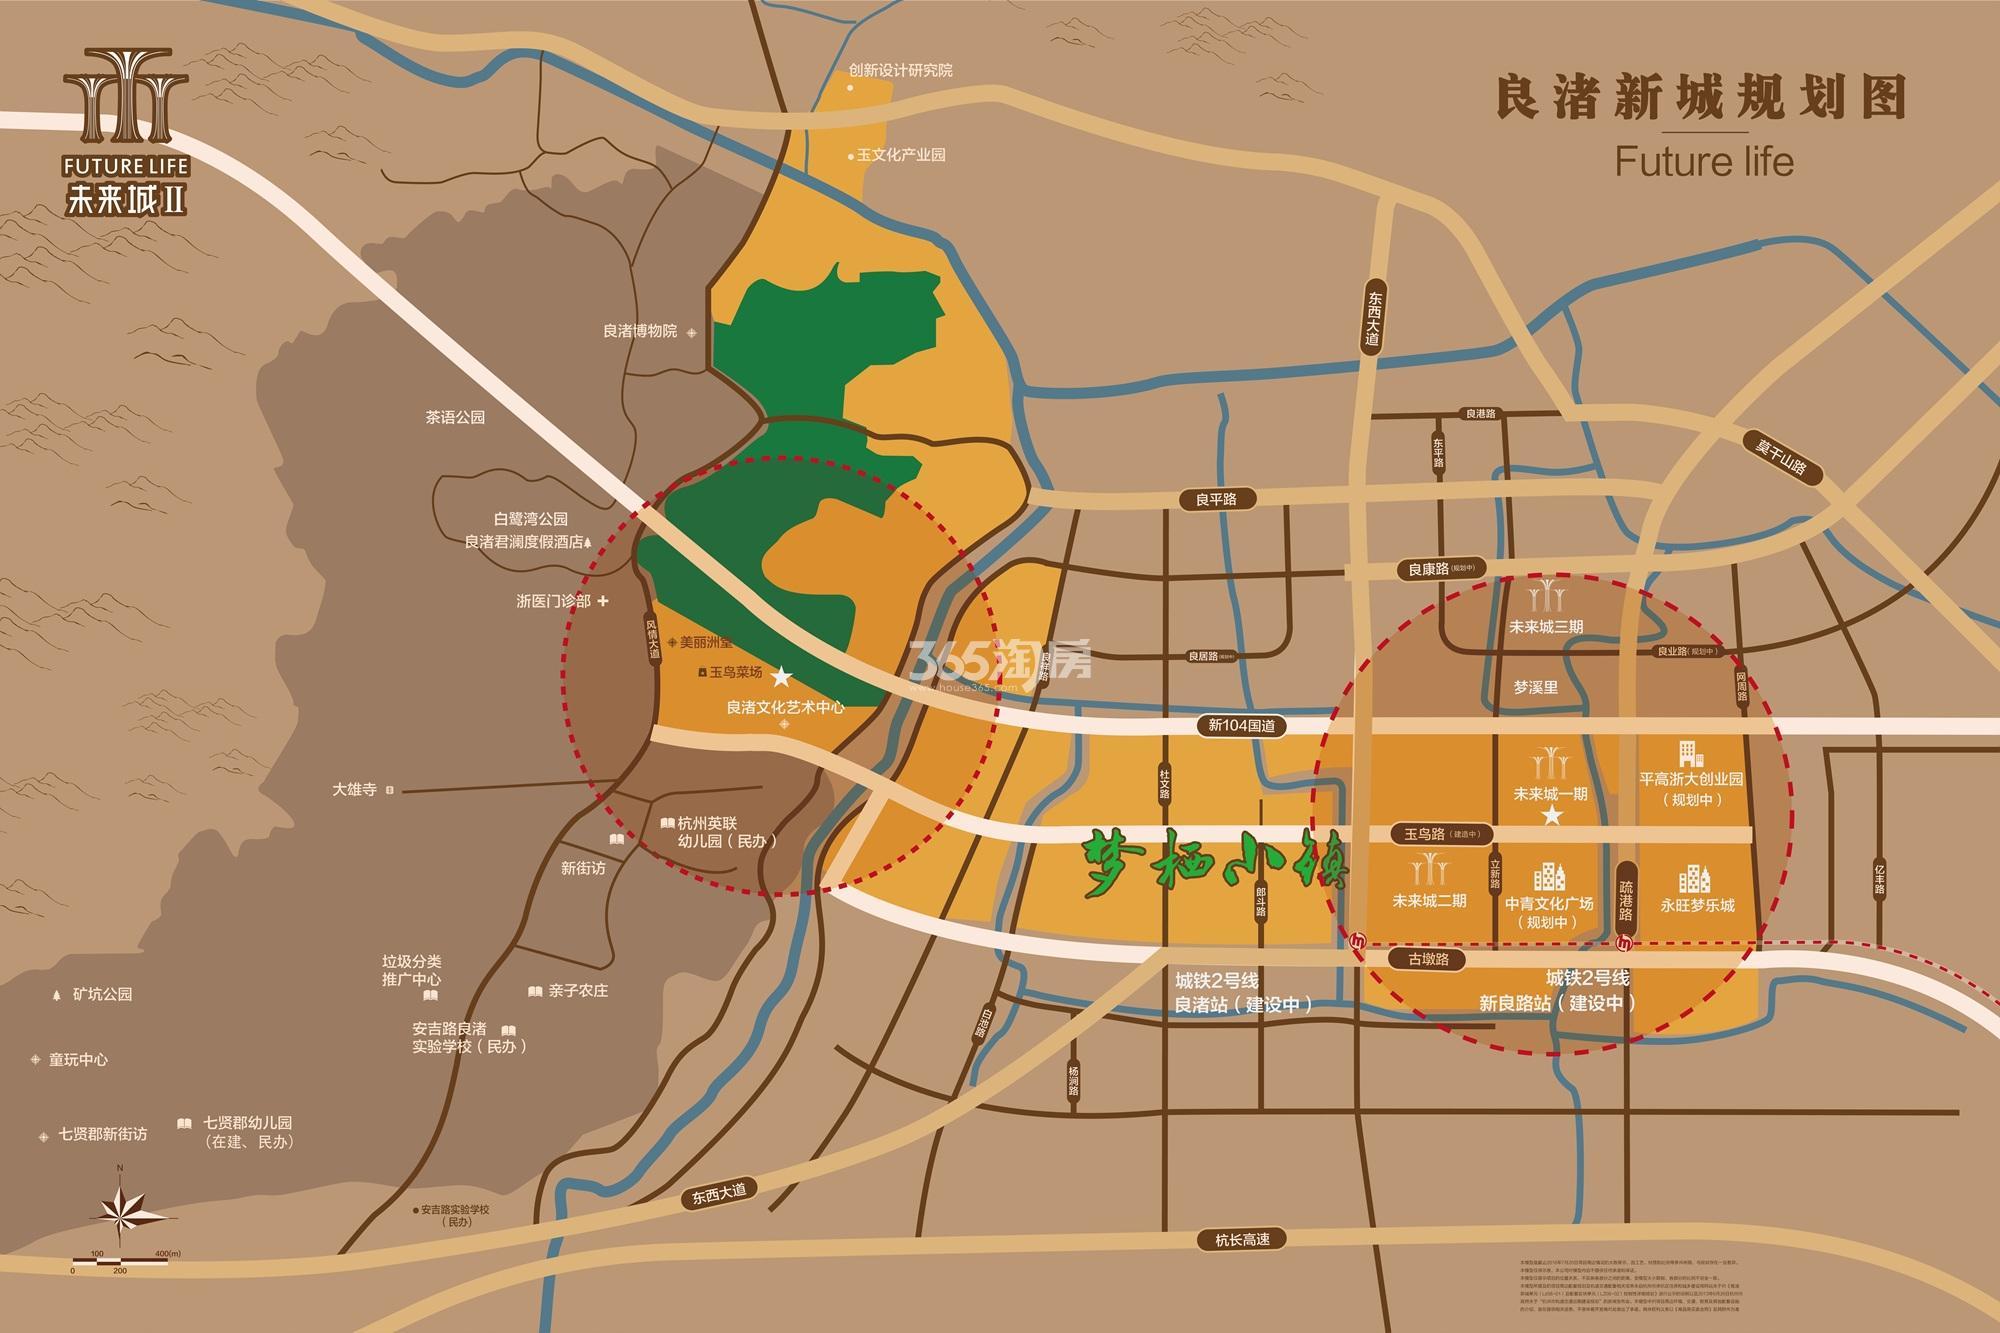 万科未来城梦溪里交通图